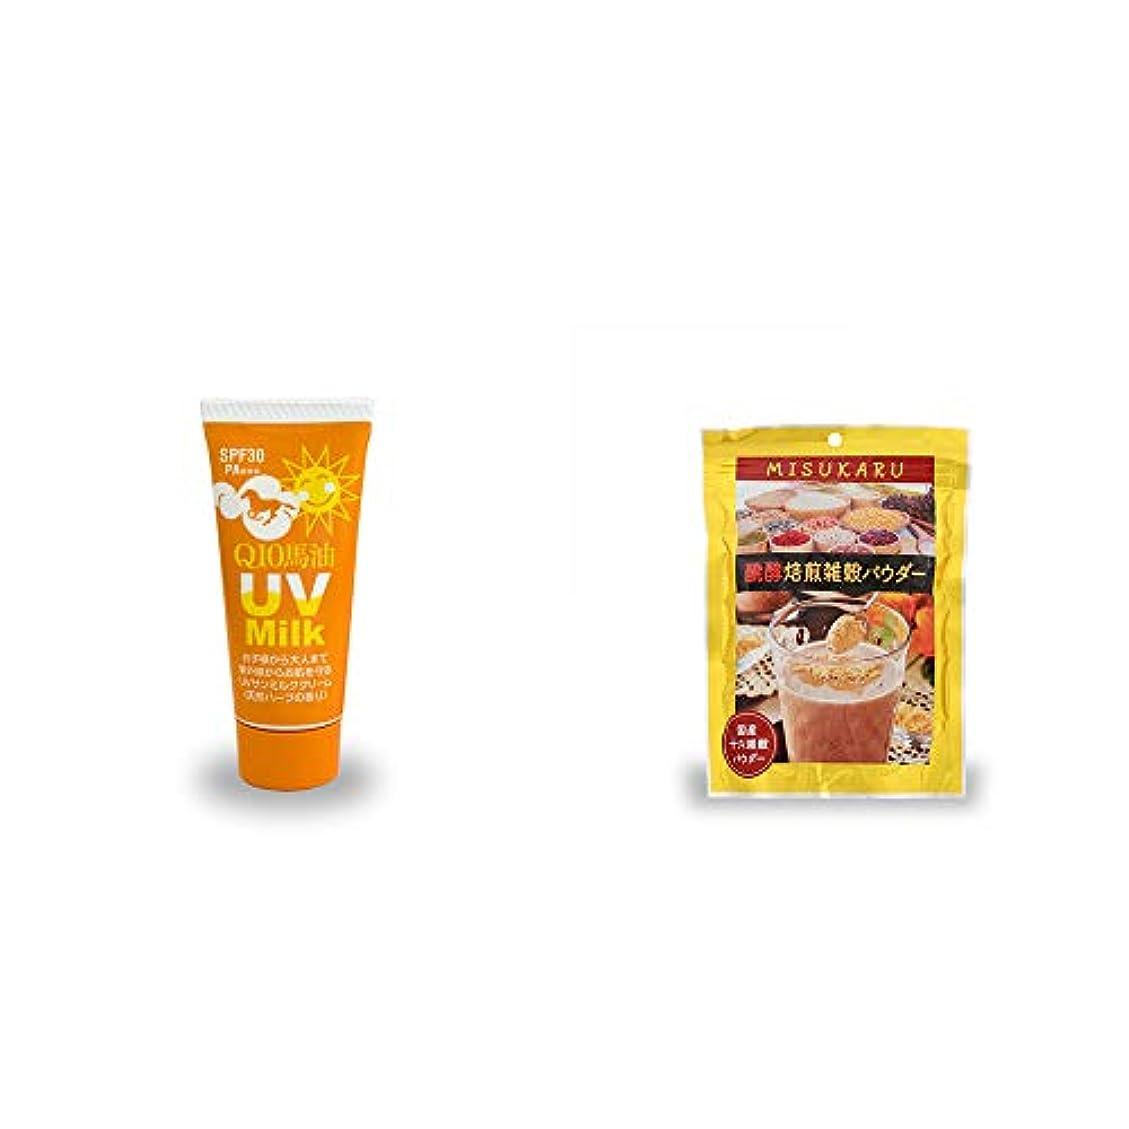 より平らなロードブロッキング欠点[2点セット] 炭黒泉 Q10馬油 UVサンミルク[天然ハーブ](40g)?醗酵焙煎雑穀パウダー MISUKARU(ミスカル)(200g)